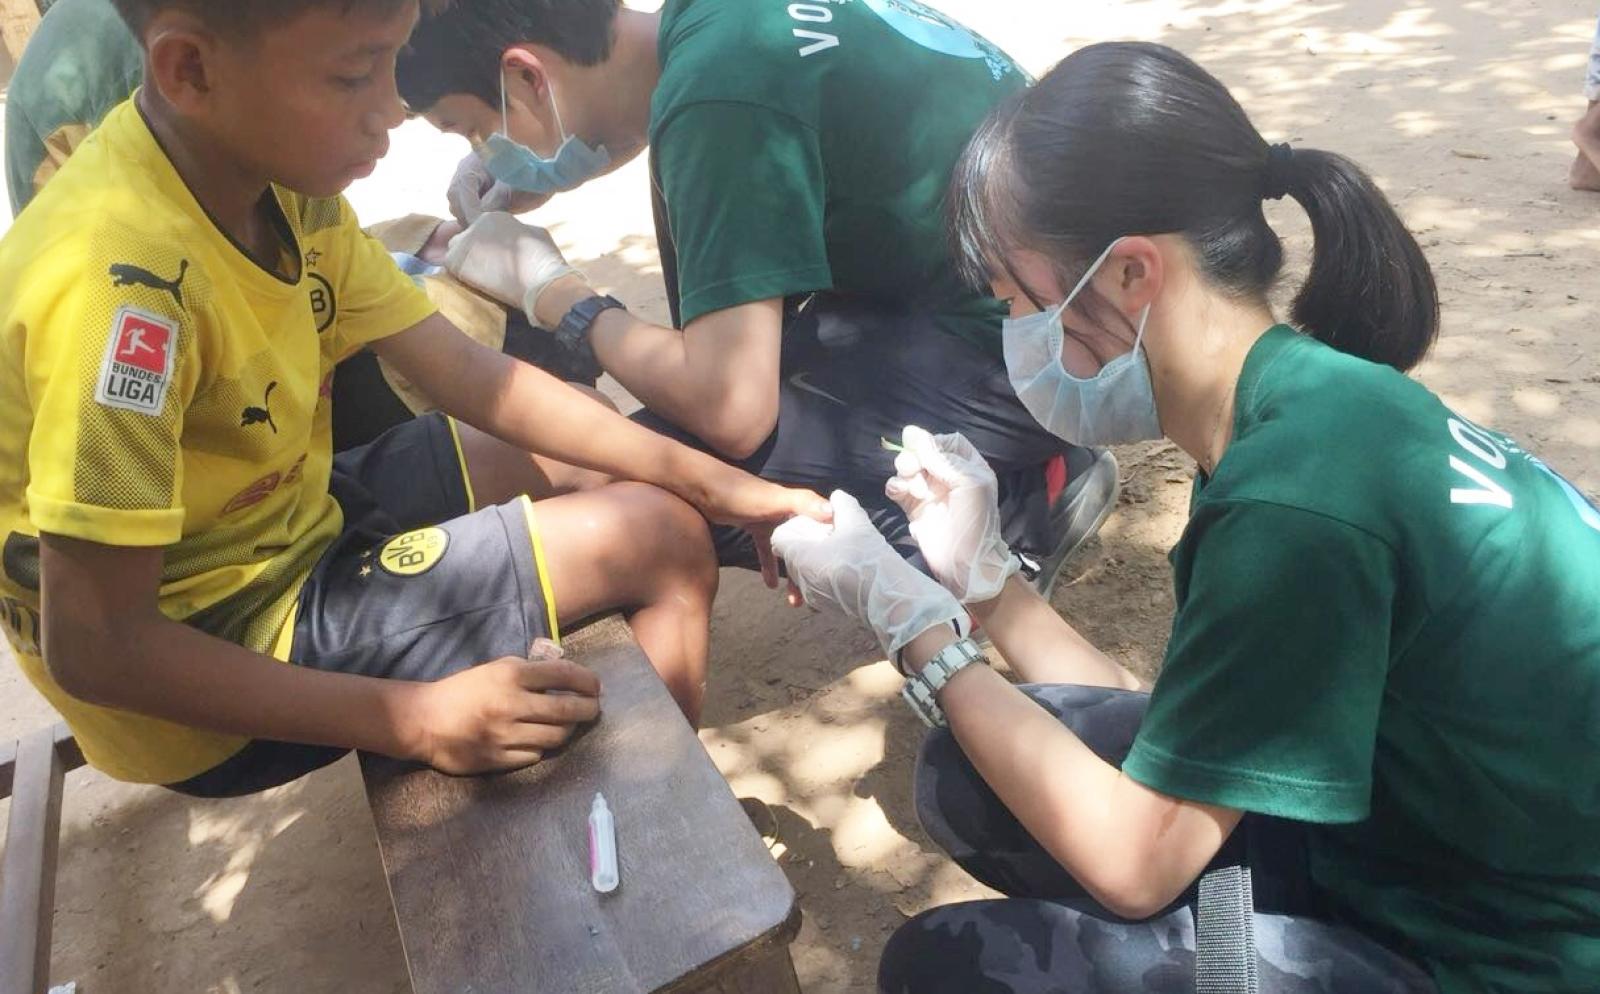 カンボジアの子供たちへの公衆衛生活動に取り組む日本人高校生ボランティア